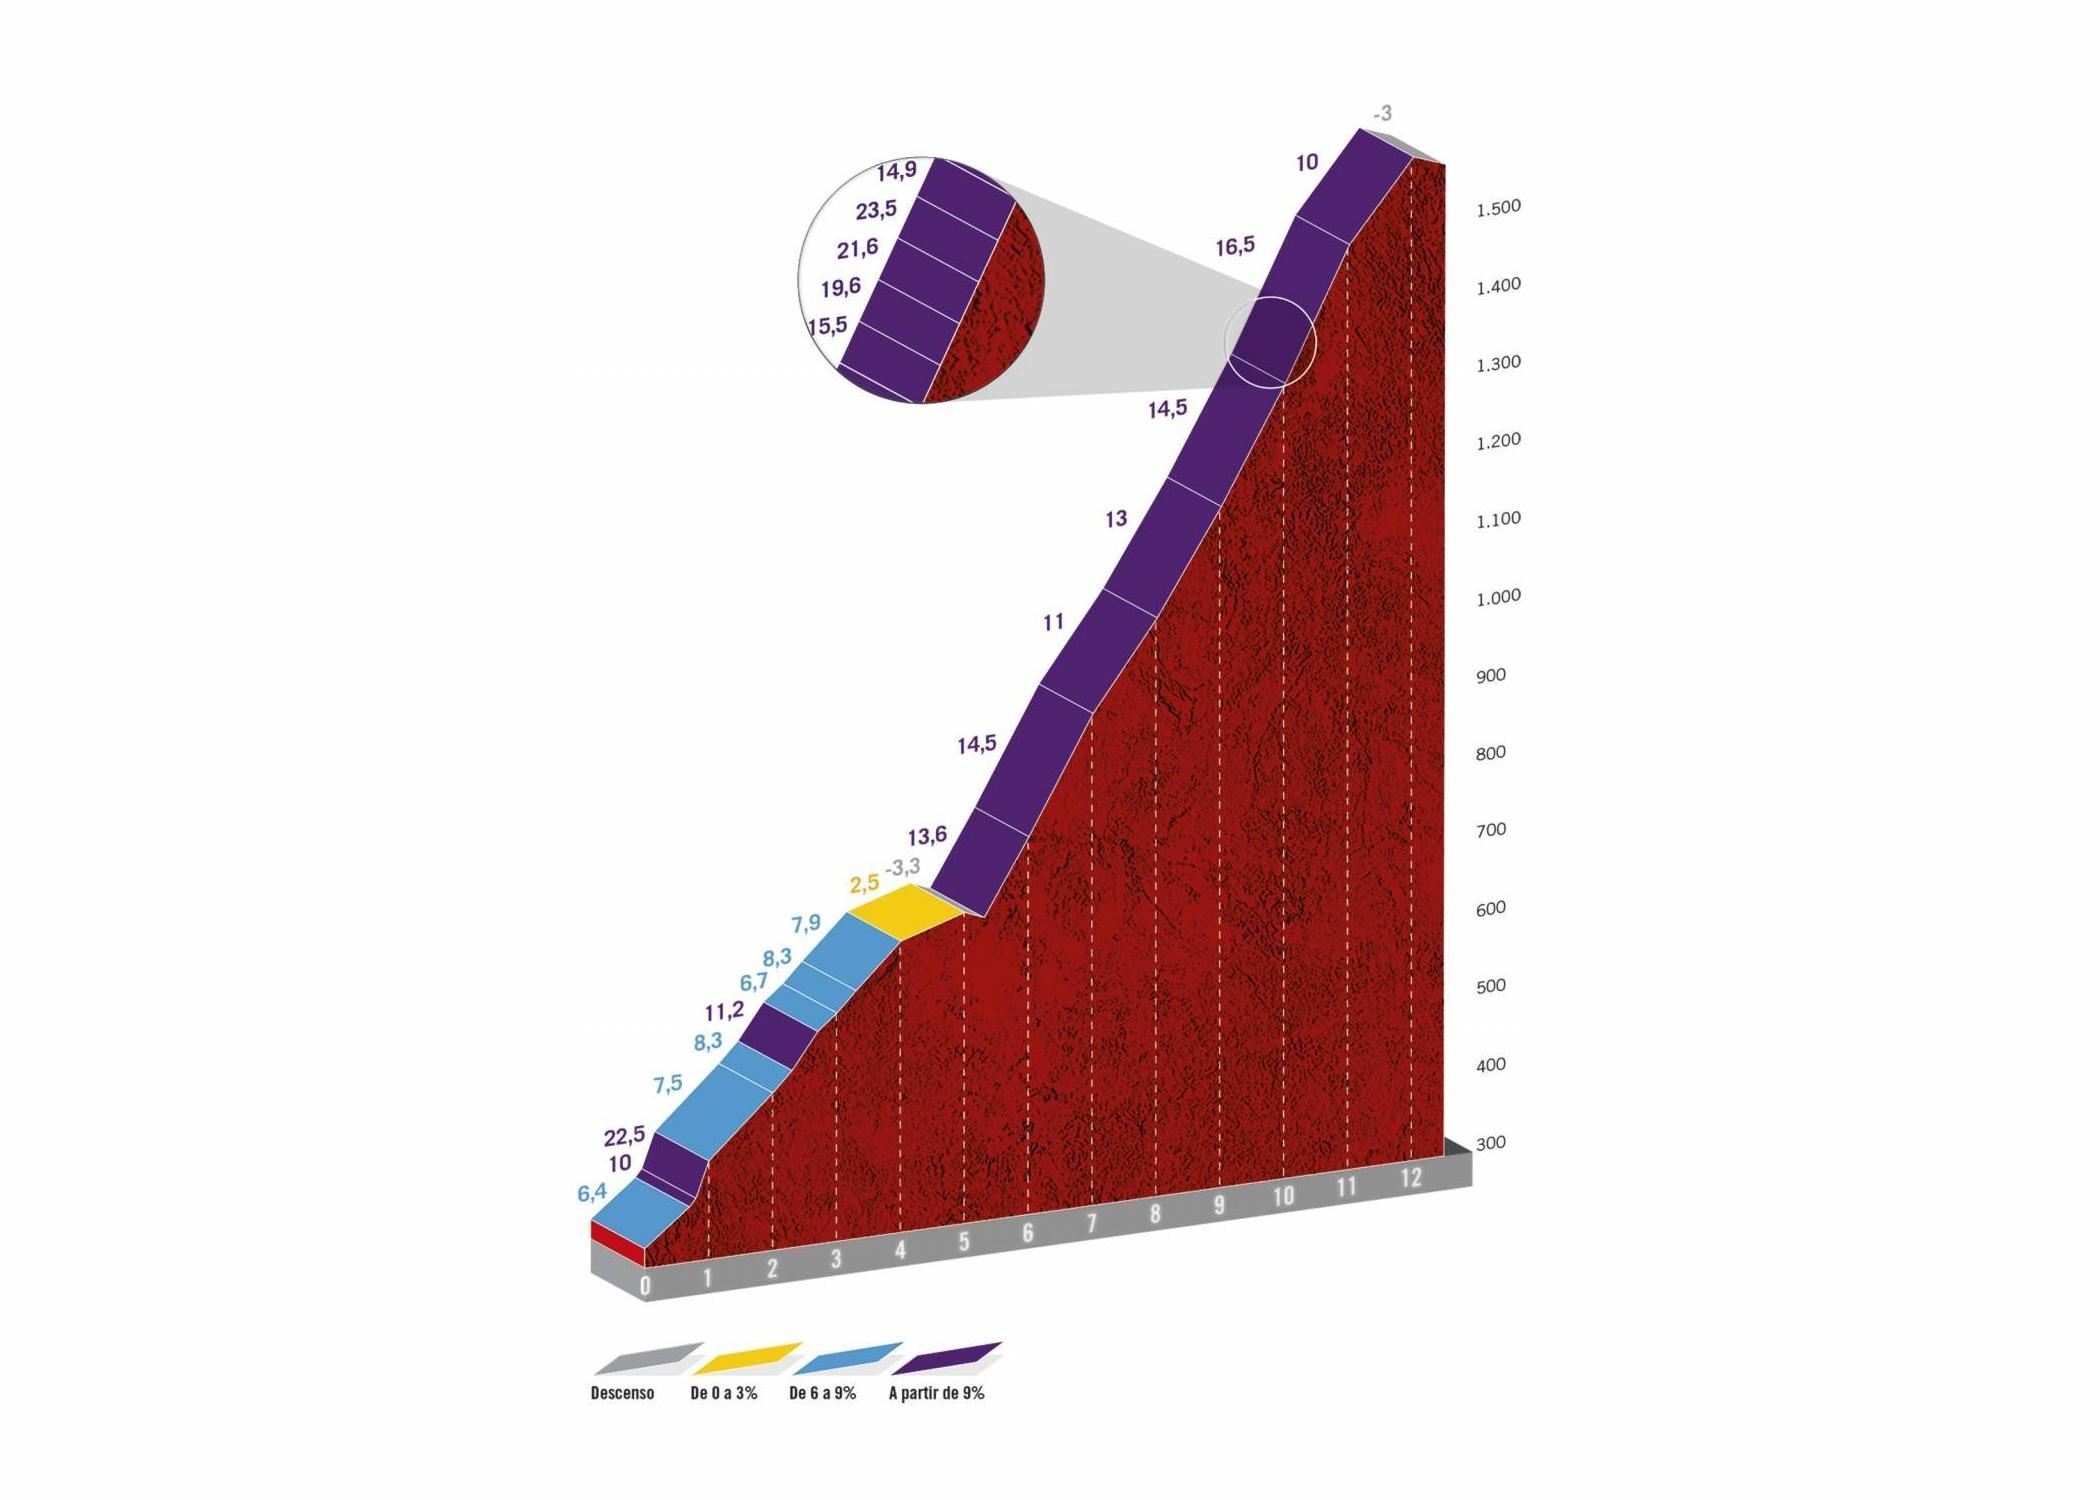 angliru vuelta 2020 stage 12